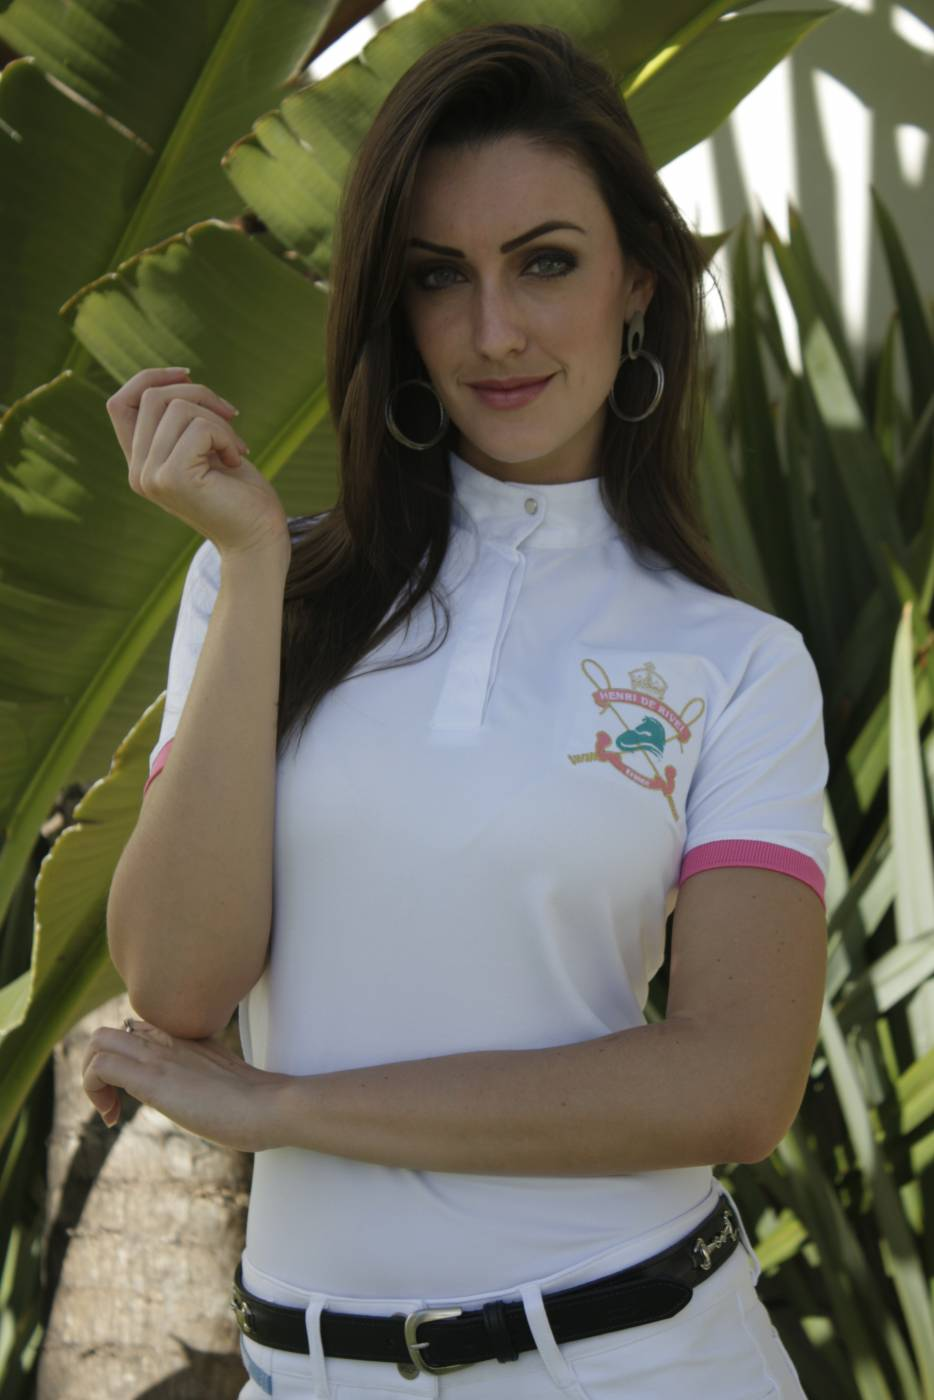 Camisa Polo Feminina de Hipismo Piquet HDR  - Salto & Sela